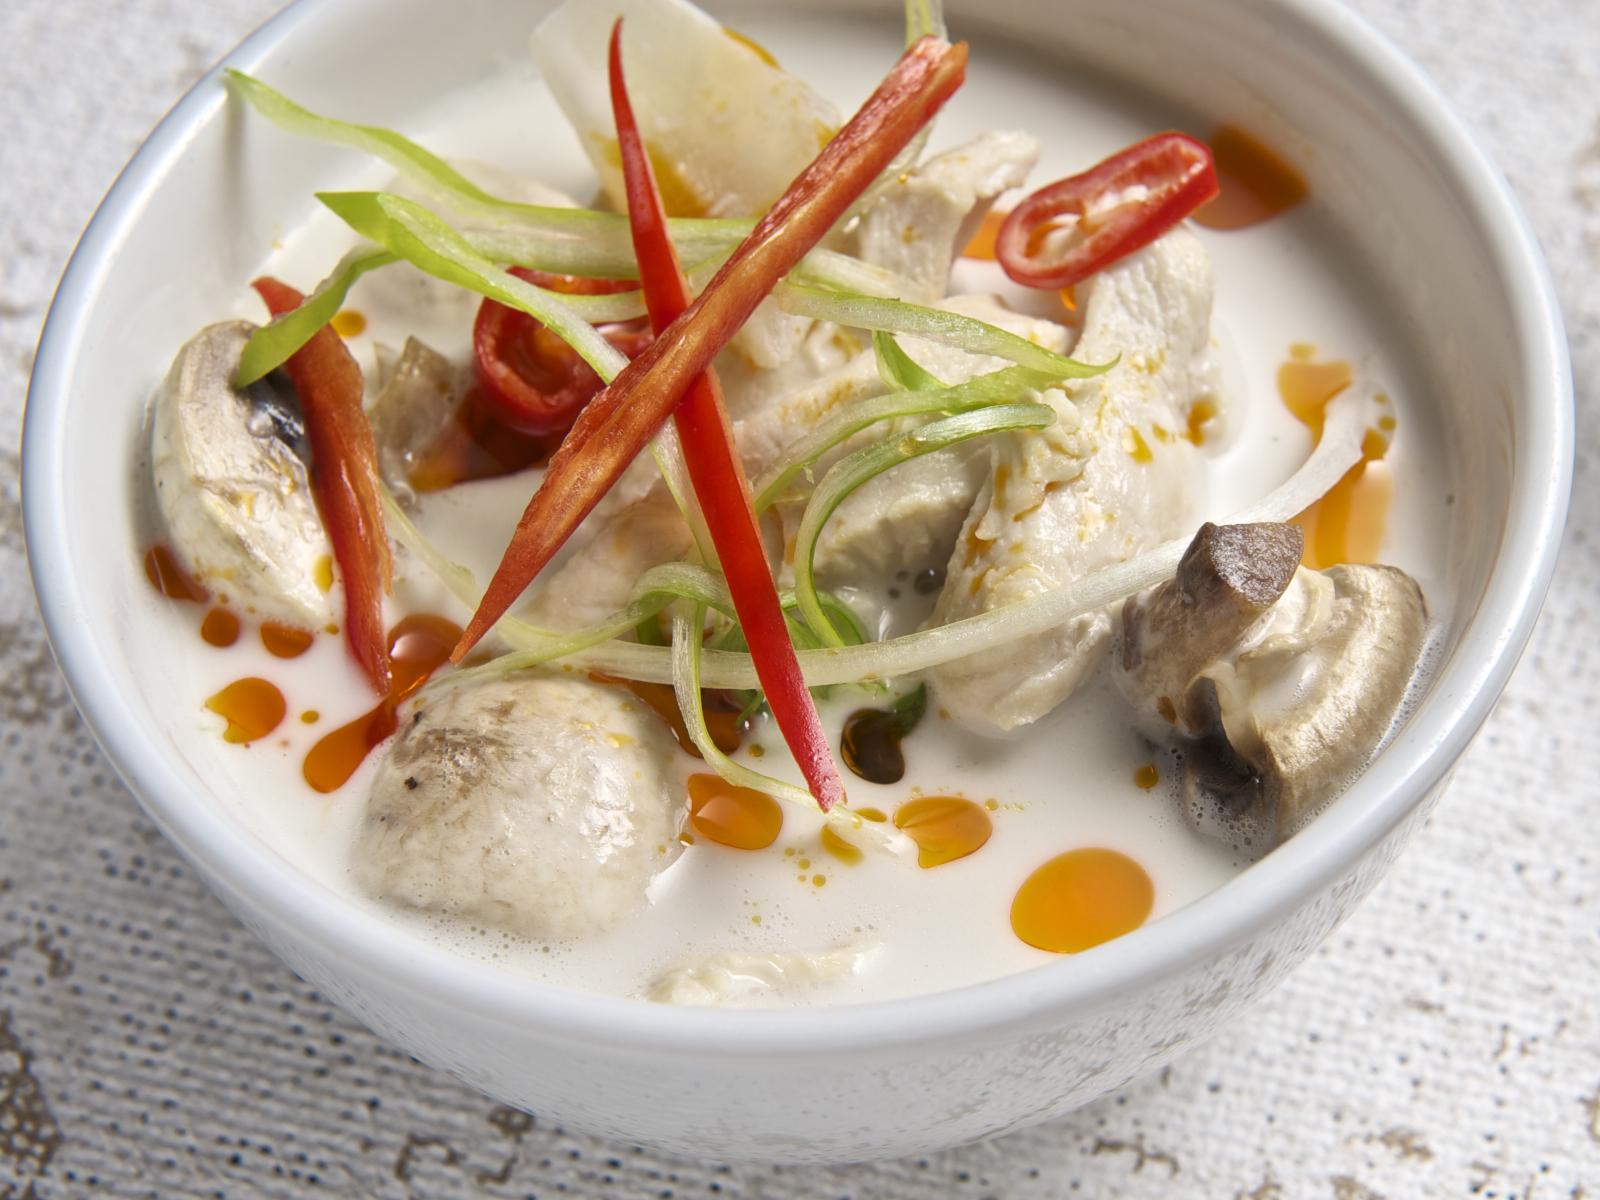 Viaggio nella cucina Thai con ricette autentiche da nord a sud